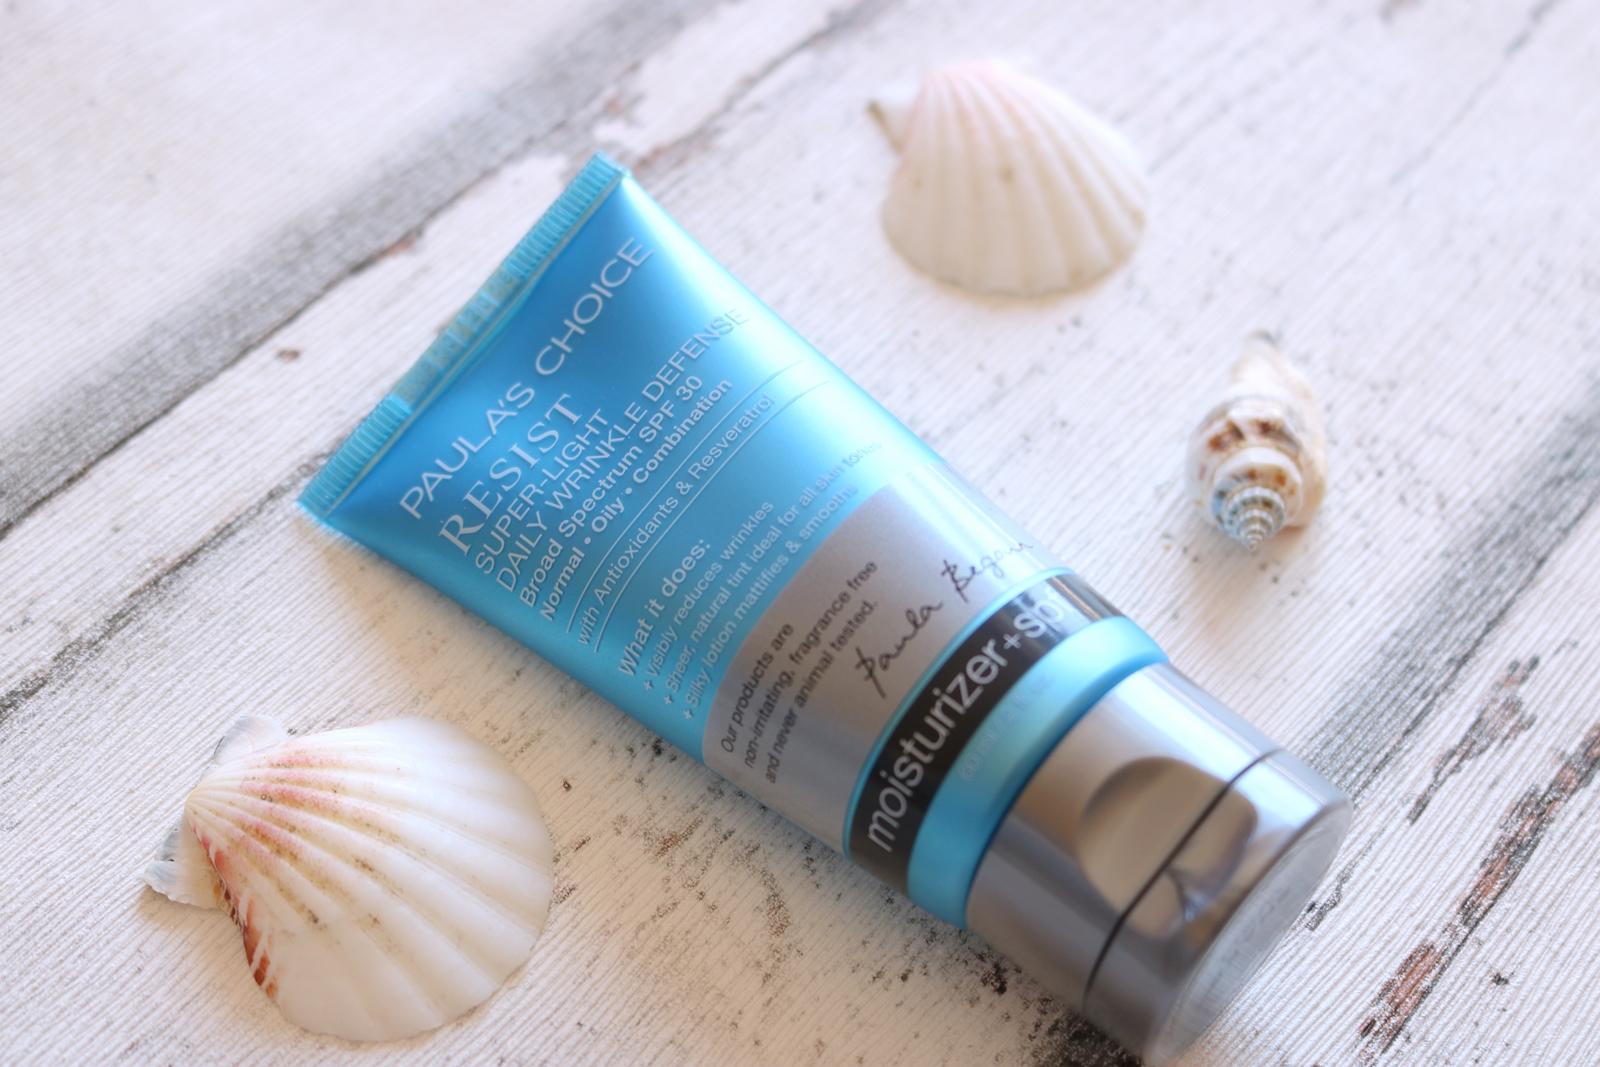 So wichtig ist täglicher Sonnenschutz - UV-Strahlen - Sonnenschutzprodukte - Paulas Choice - Fashionladyloves - Lifestyleblog - Beautyblog